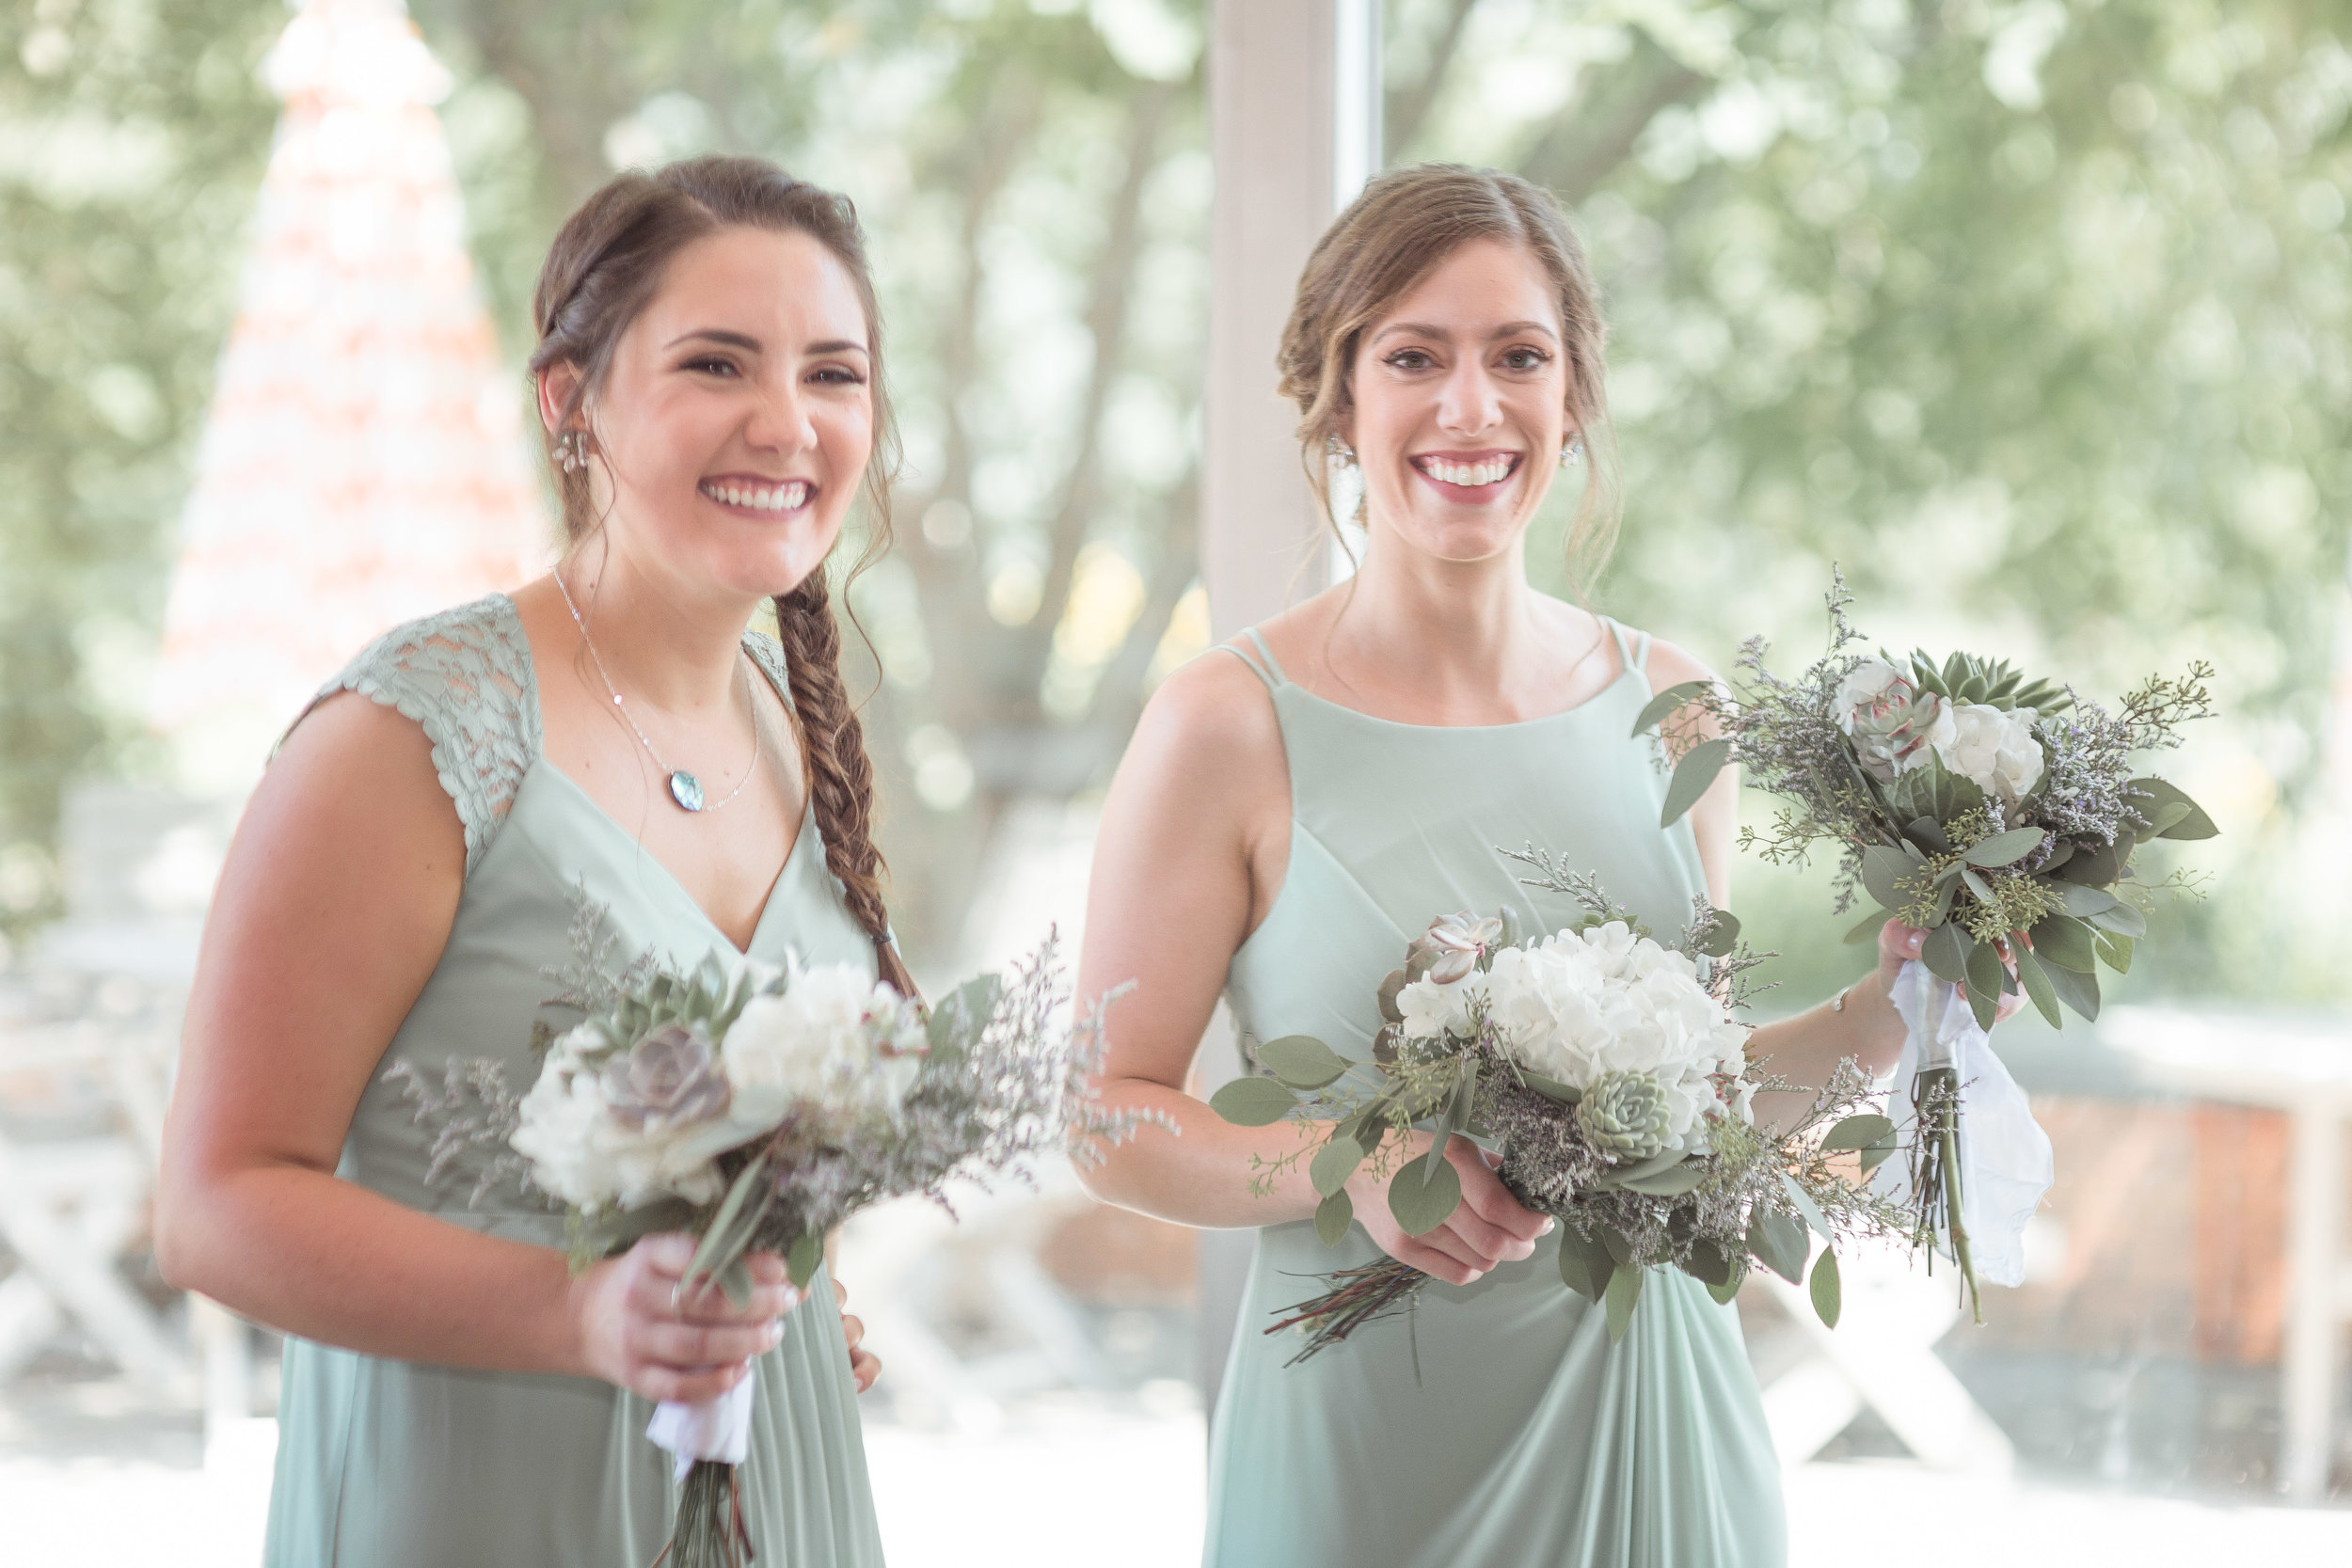 C_Wedding_Sarver, Alyssa & Scott_FOR BLOG-114.JPG